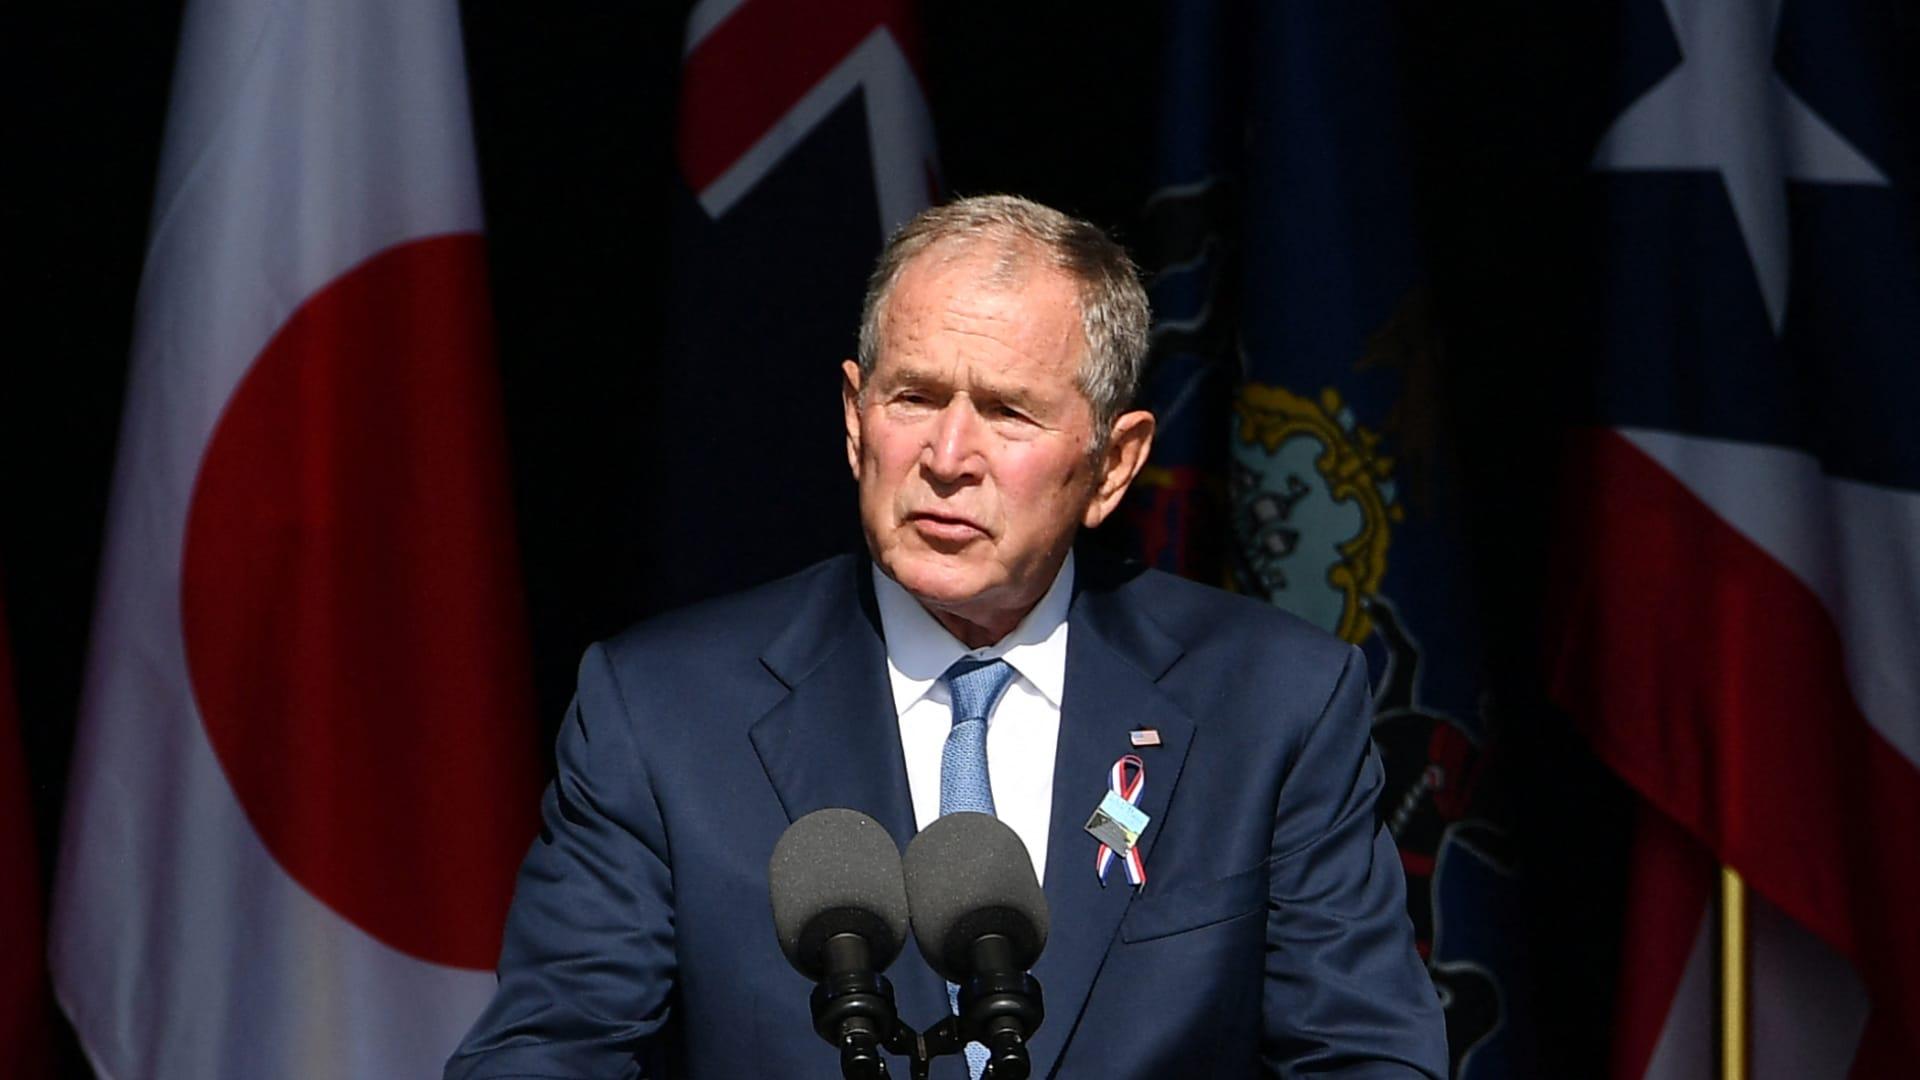 بوش في ذكرى هجمات 11 سبتمبر عن المتطرفين العنيفين في الداخل الأمريكي: إنهم نسل من نفس الروح الكريهة